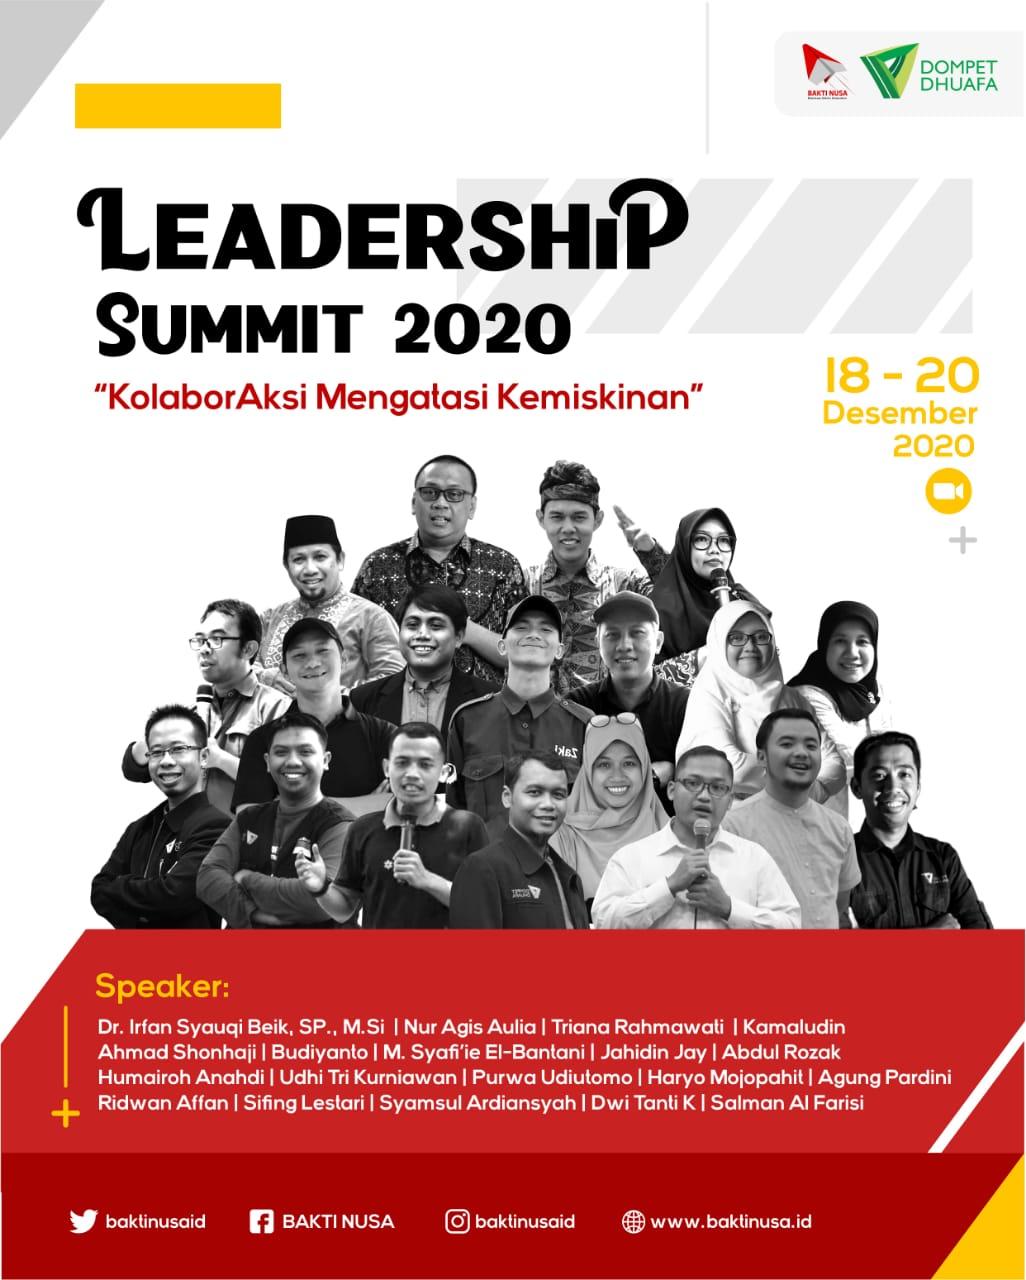 Perkuat Bangsanya, 57 Penerima Manfaat BAKTI NUSA Unjuk Gigi di Leadership Summit 2020